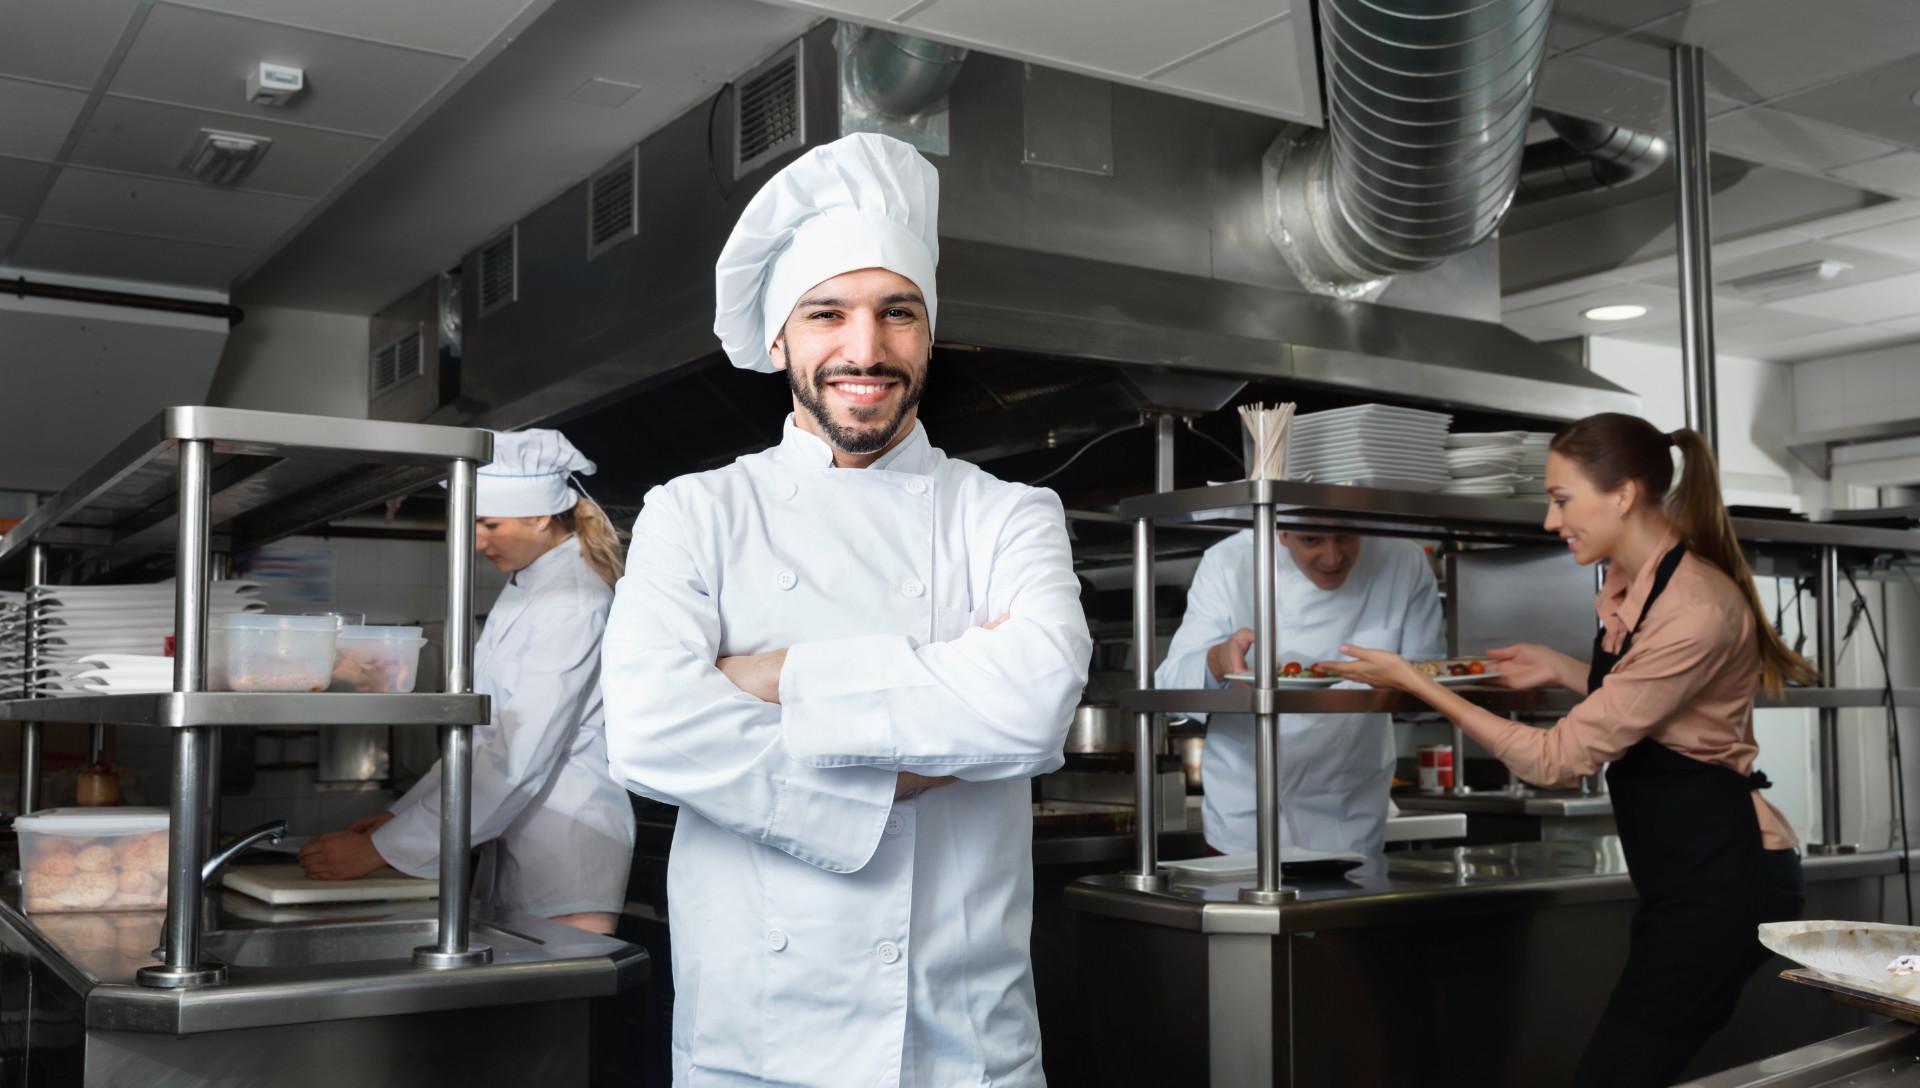 Empregados de cozinha para cafés, restaurantes e hotéis